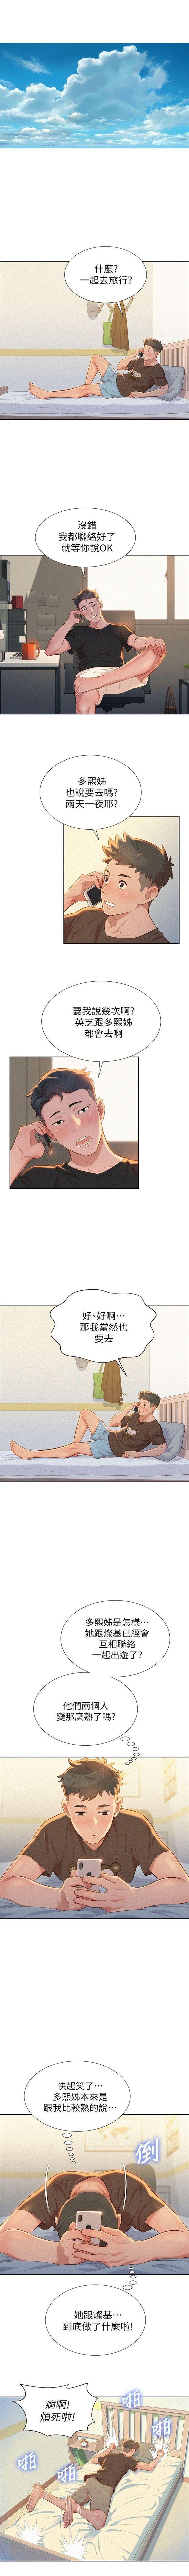 (周7)漂亮干姐姐  1-79 中文翻译 (更新中) 58